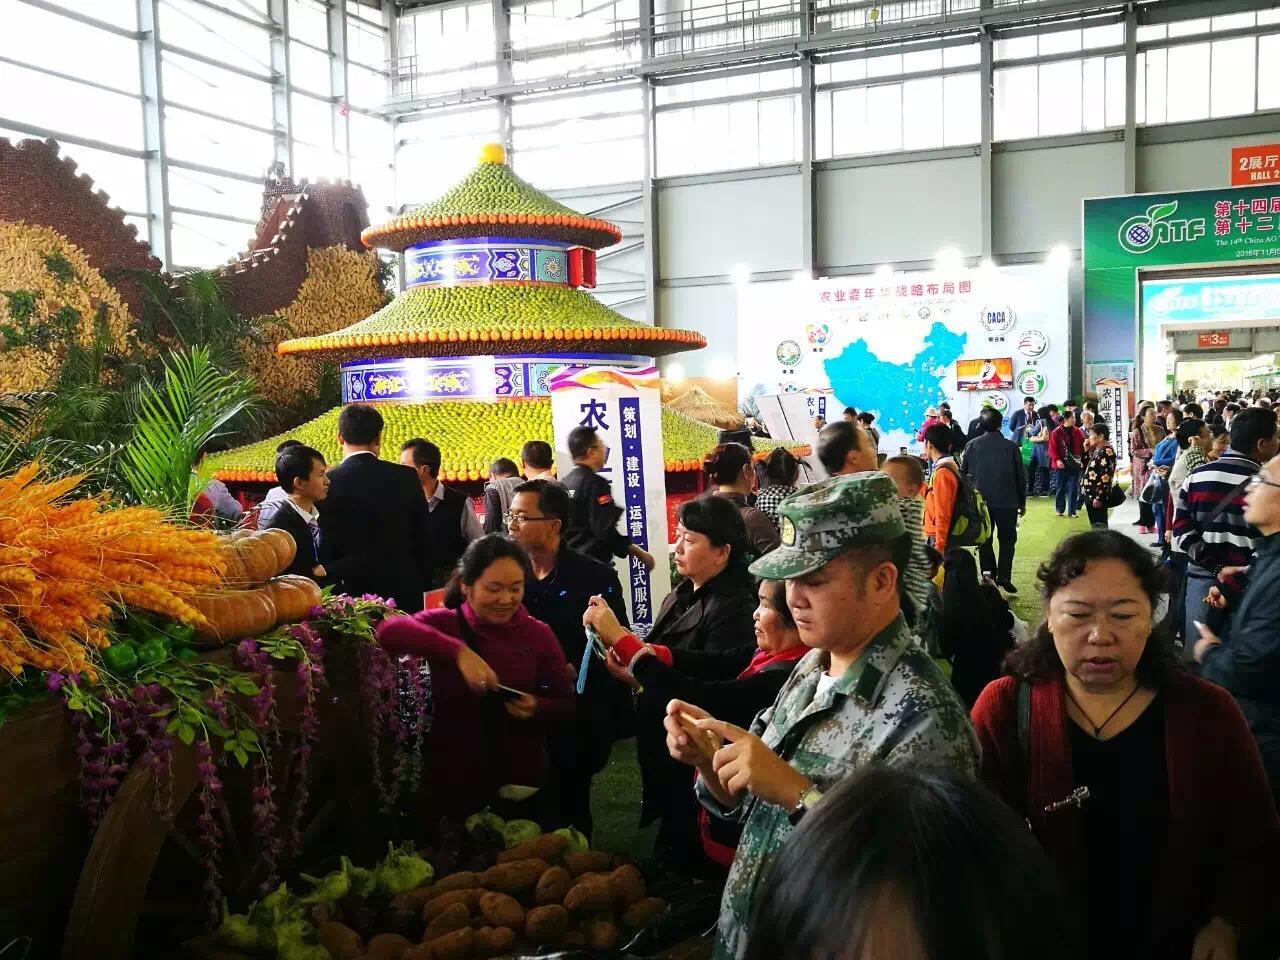 2016中国(泸州)首届农交会12月29日举行 为期3天